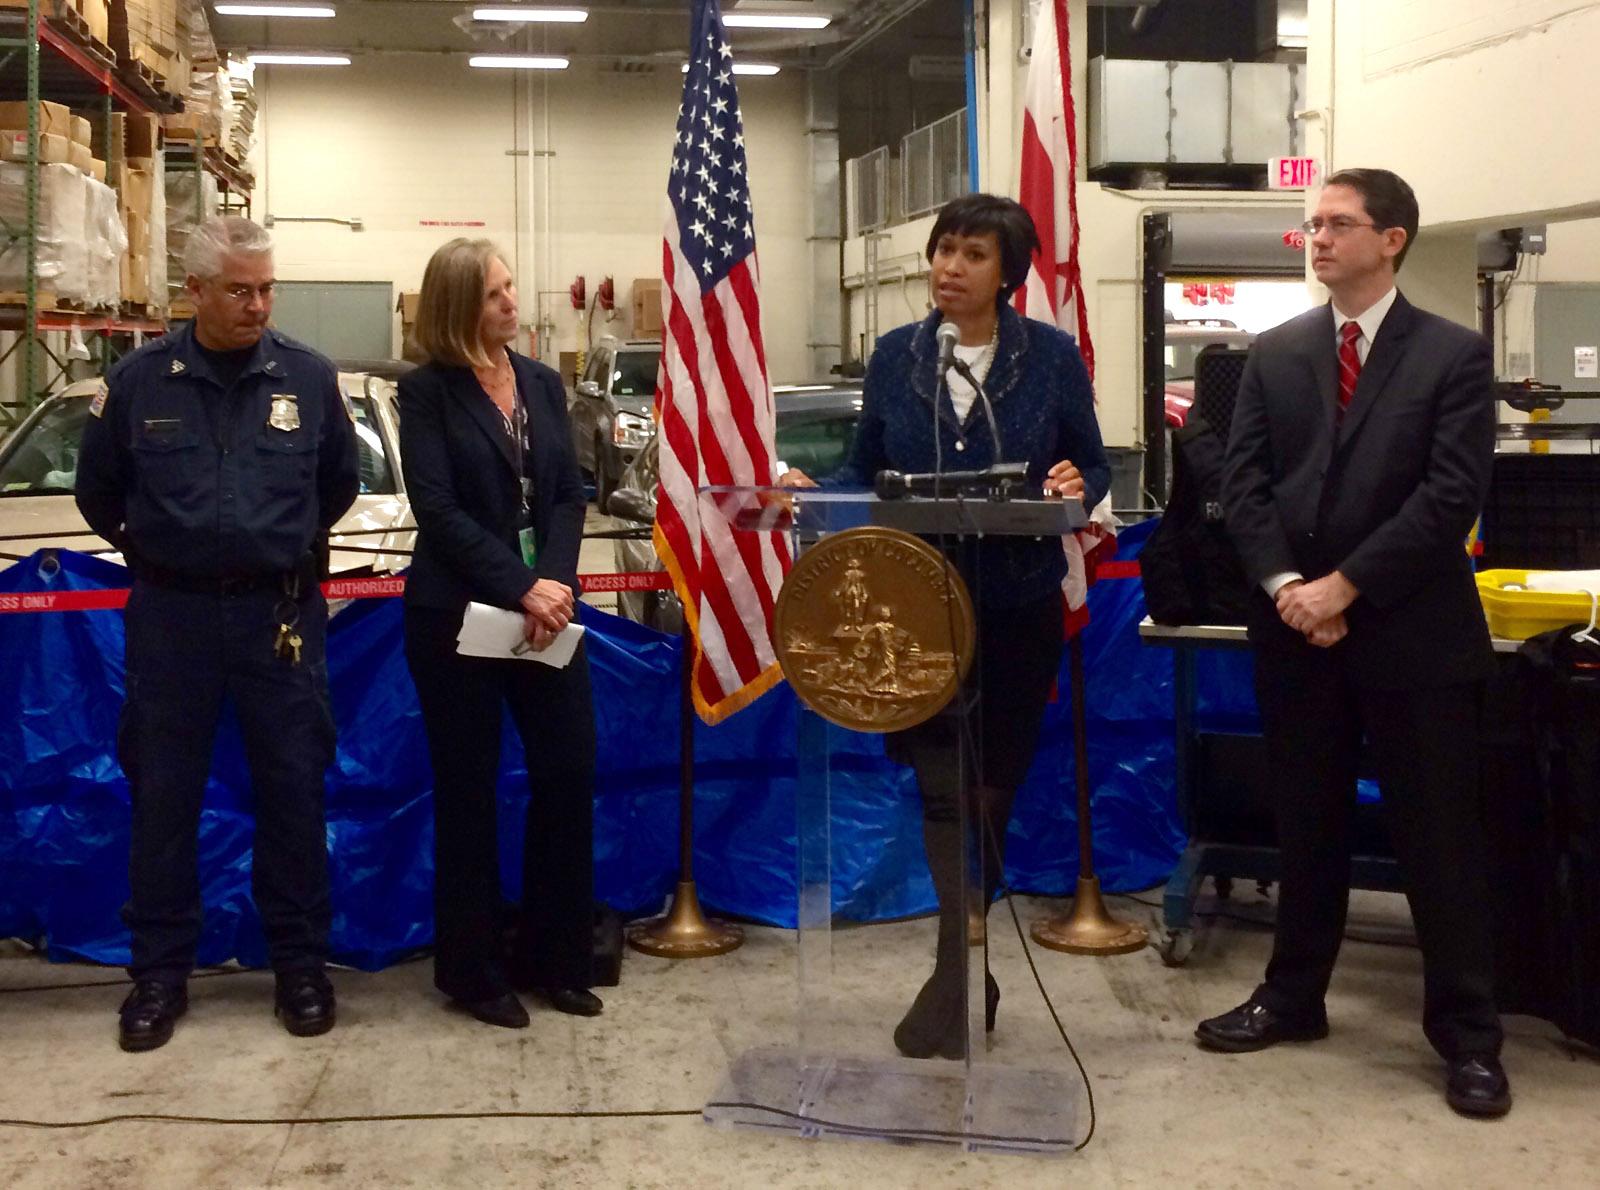 D.C. mayor pushes for public safety legislation